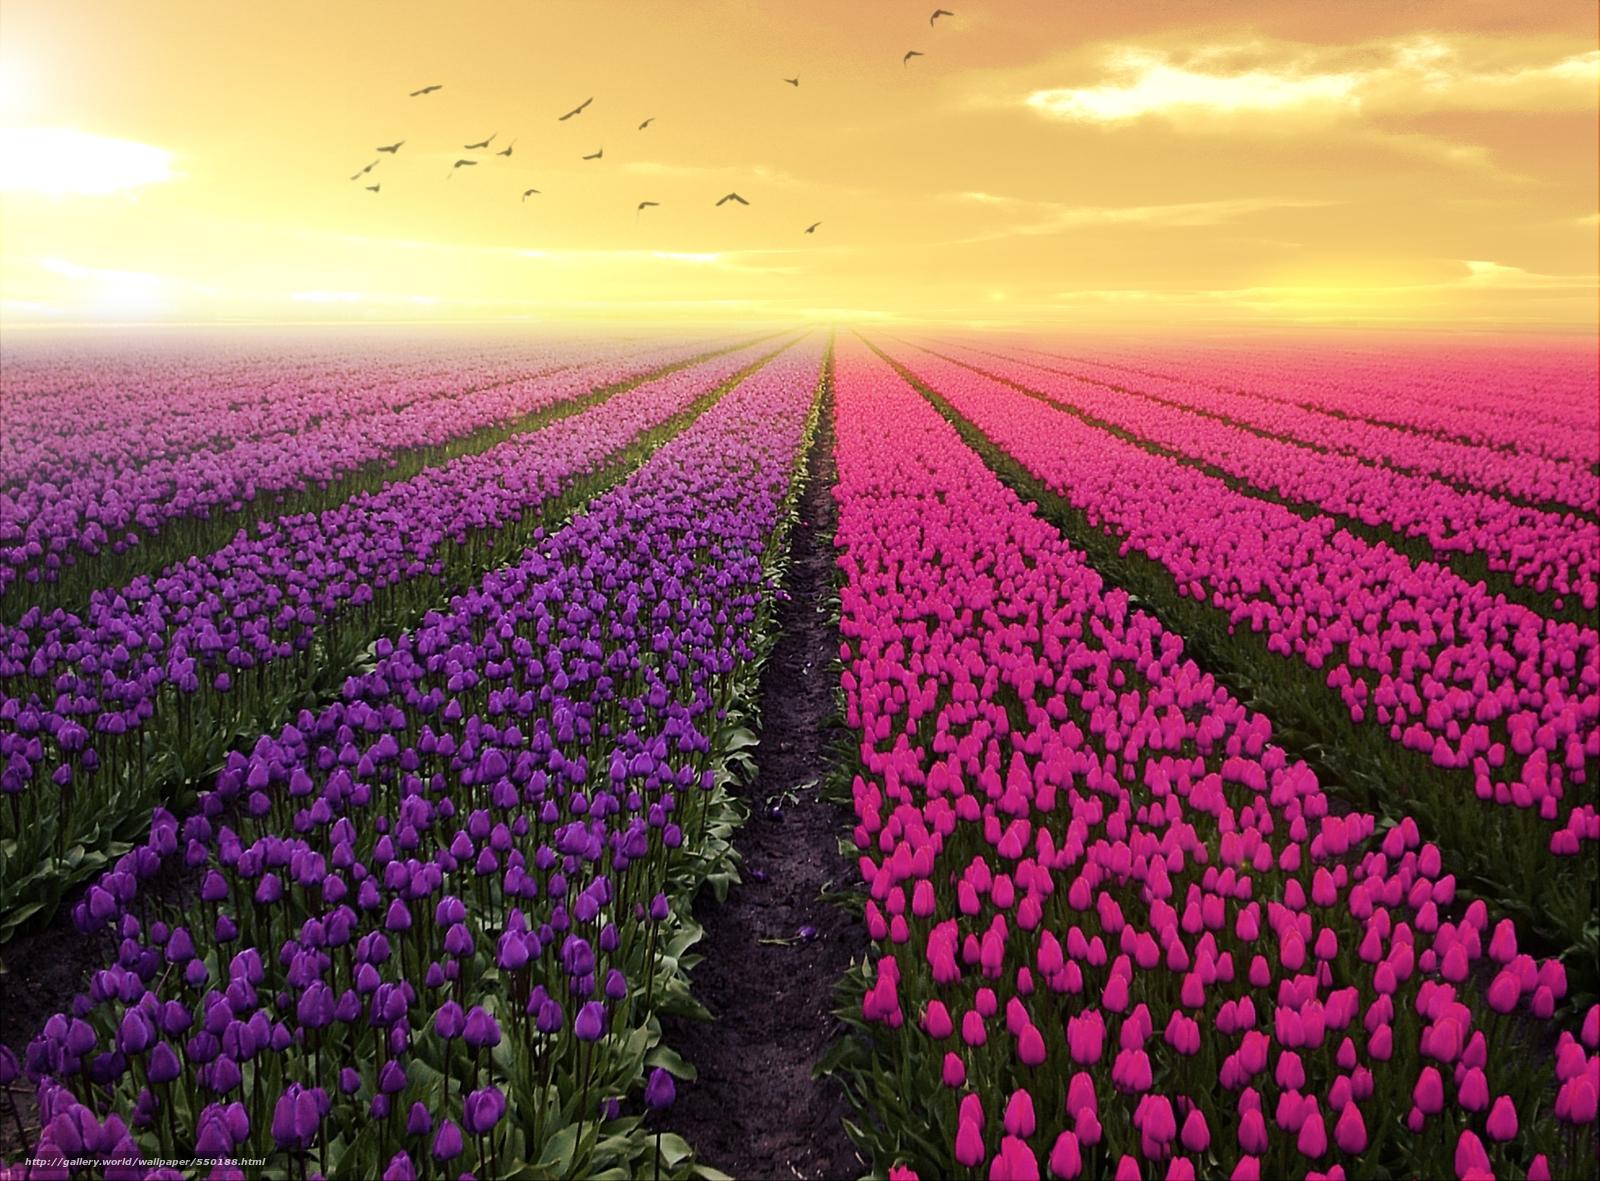 Scaricare gli sfondi co fiori 3d arte sfondi gratis per la